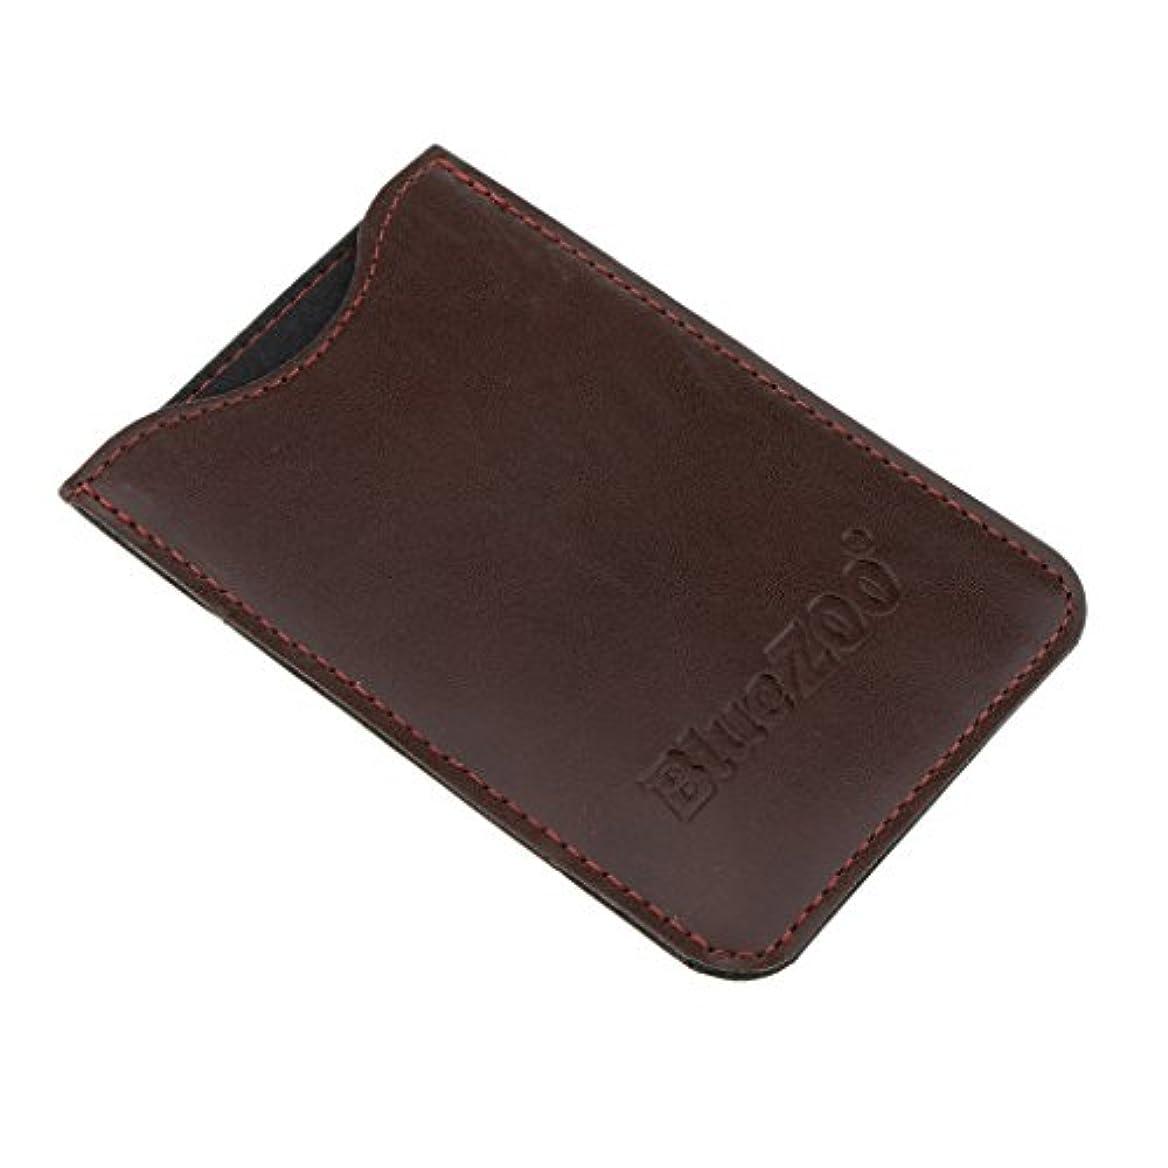 方法適応曇ったPerfk PUレザー バッグ 収納ケース 保護カバー 櫛/名刺/IDカード/銀行カード 収納パック 便利 全2色  - 褐色